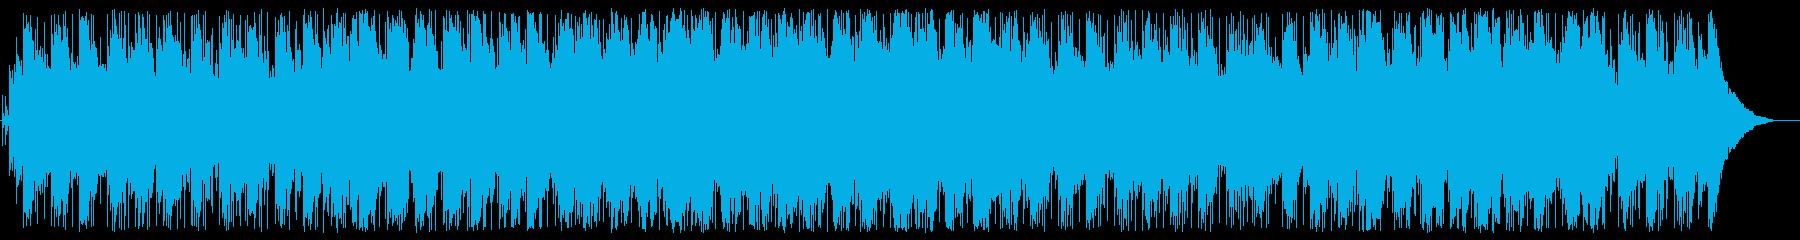 ゆったりとしたリラックスBGMの再生済みの波形